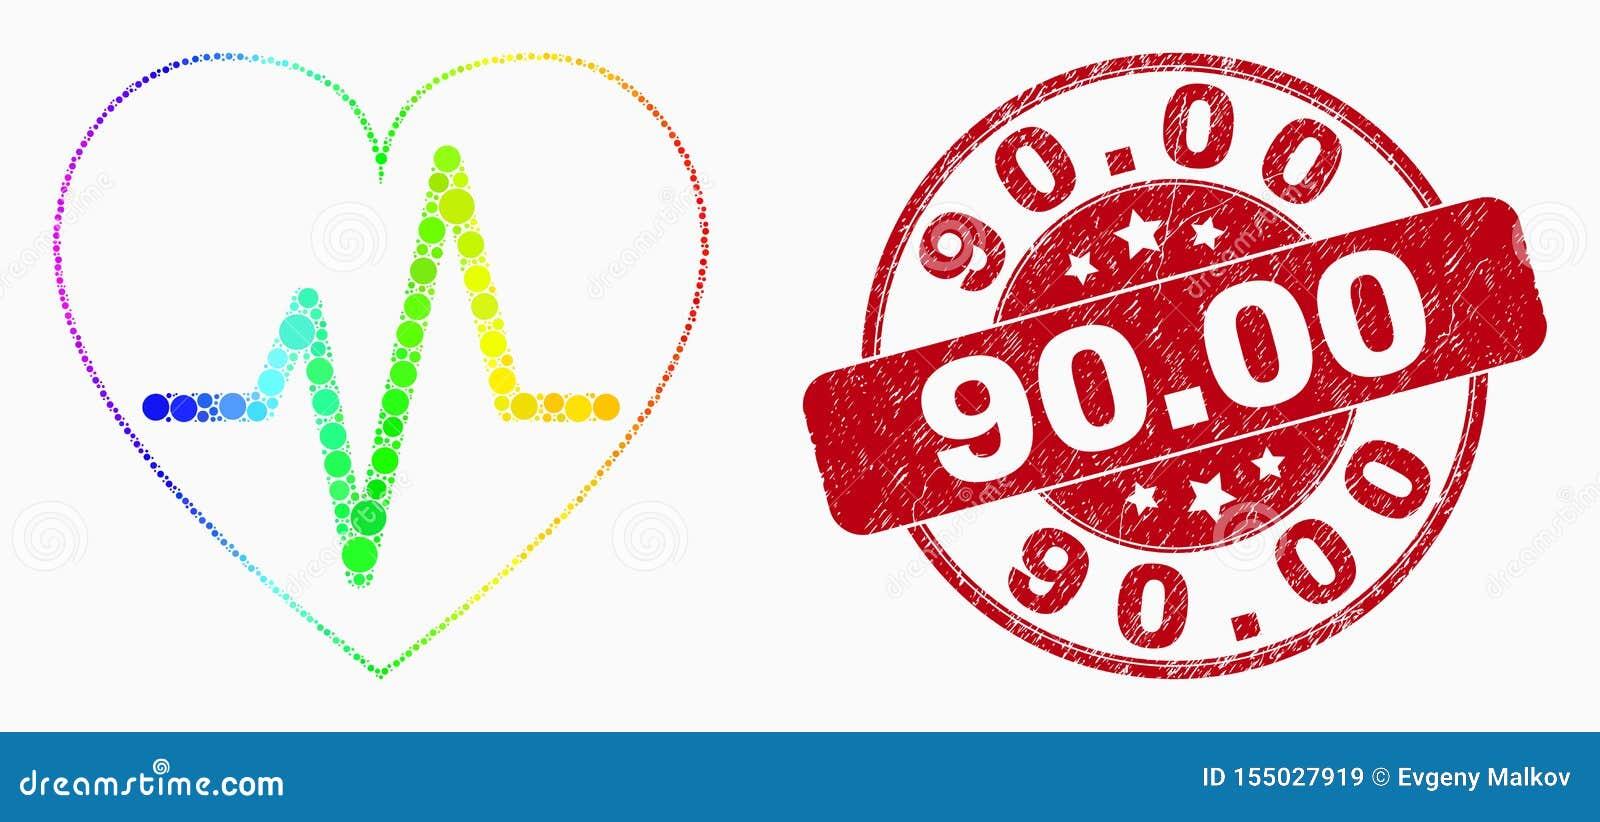 Διανυσματικοί φασματικοί εικονίδιο και κίνδυνος 90 σφυγμού καρδιών Pixelated Σφραγίδα 00